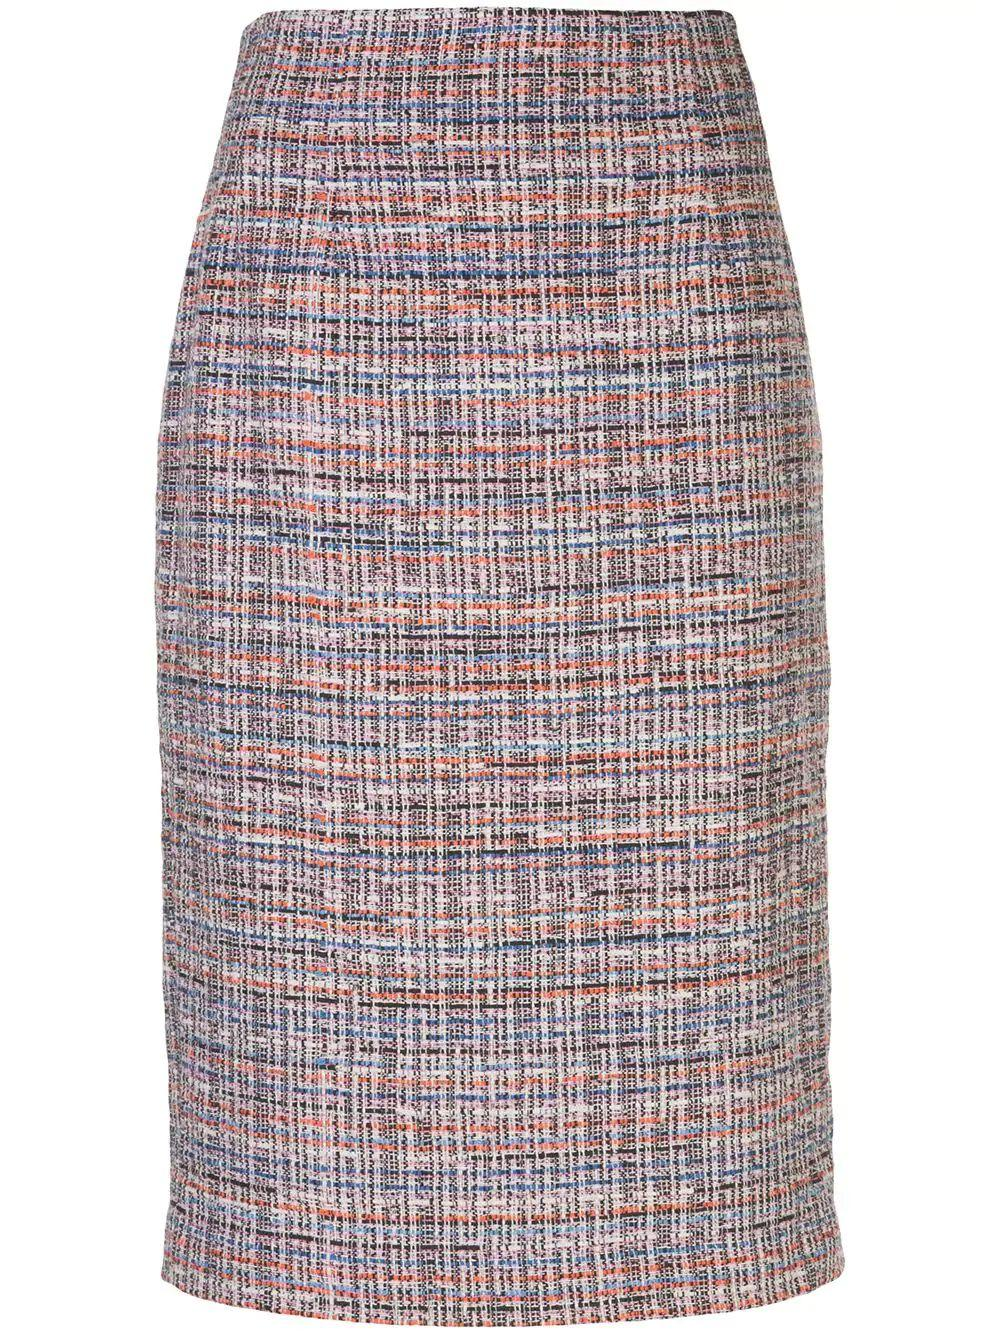 Joda Skirt